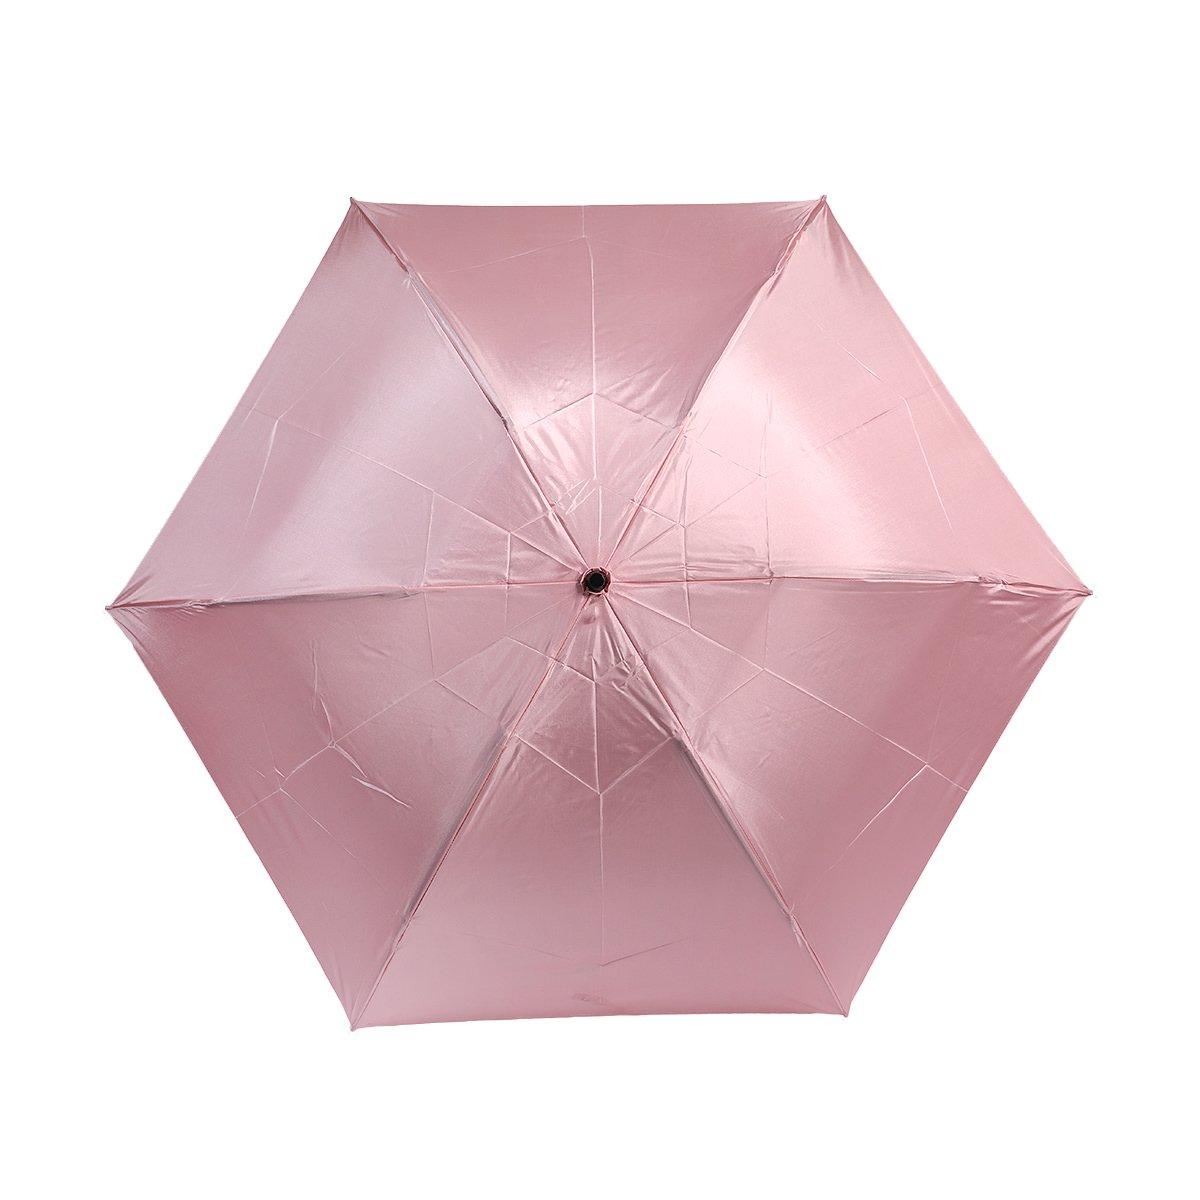 レディース 富士絹 折りたたみ傘 詳細画像5